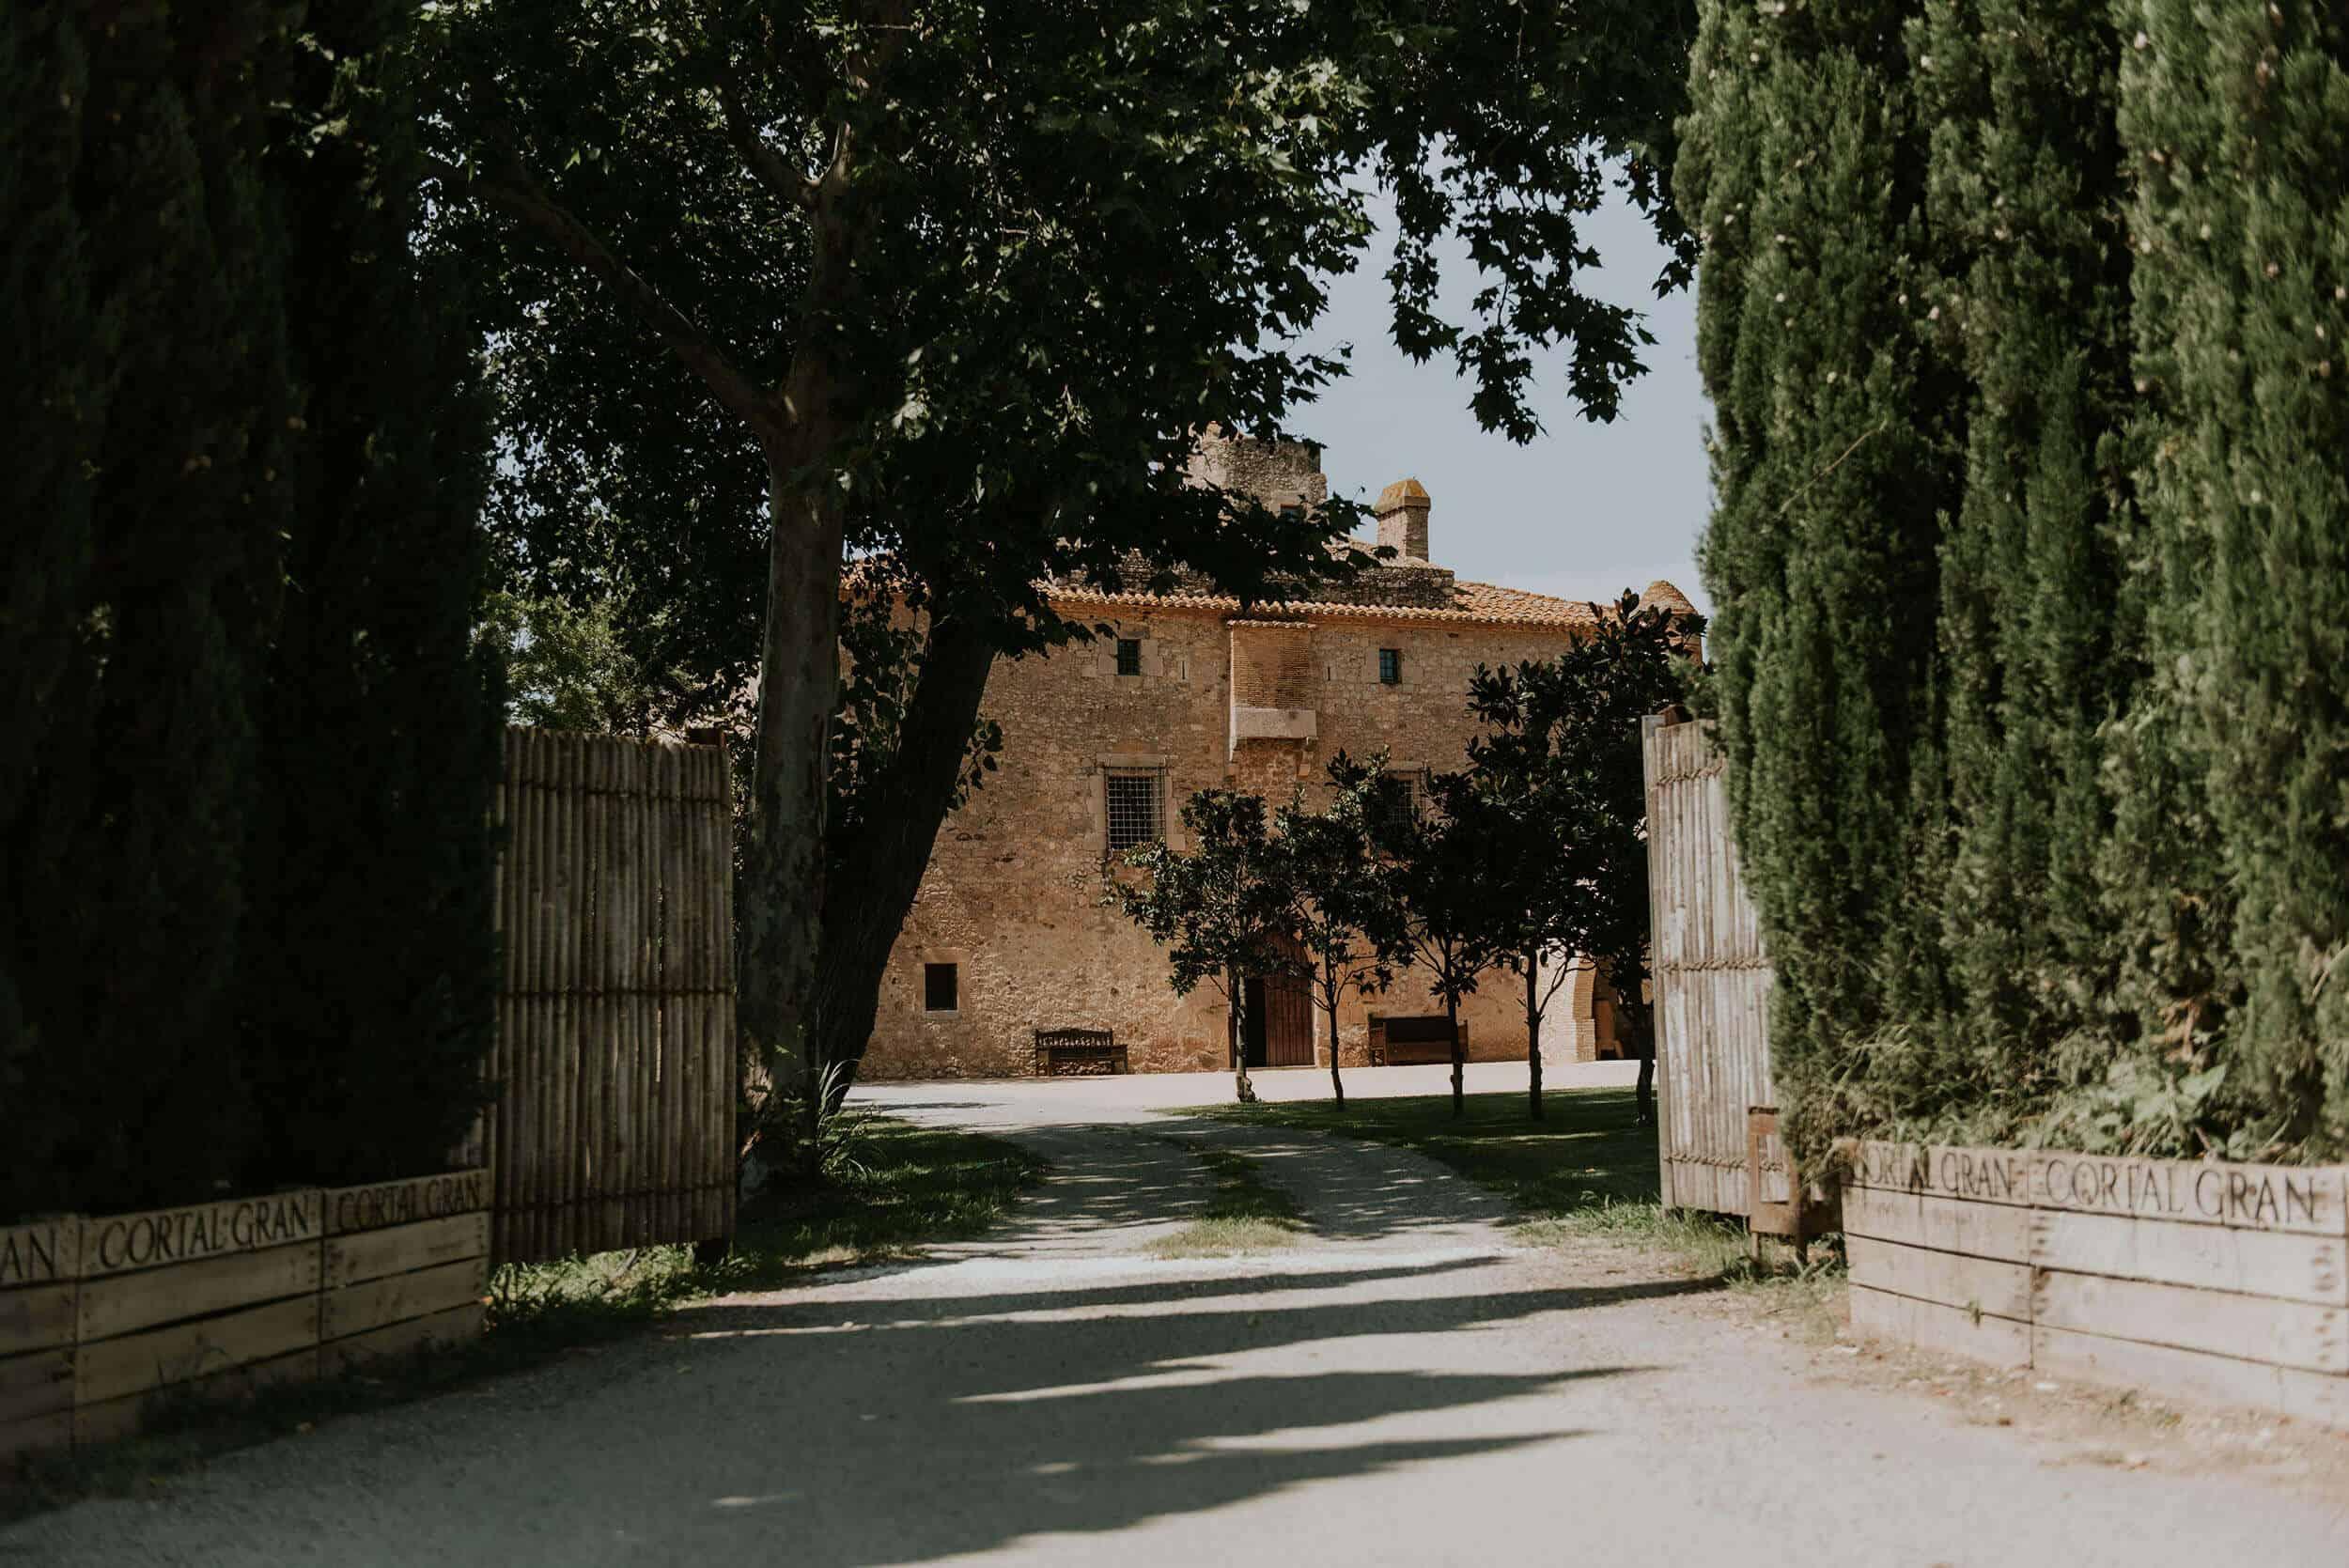 Casaments Castle Cortal bones